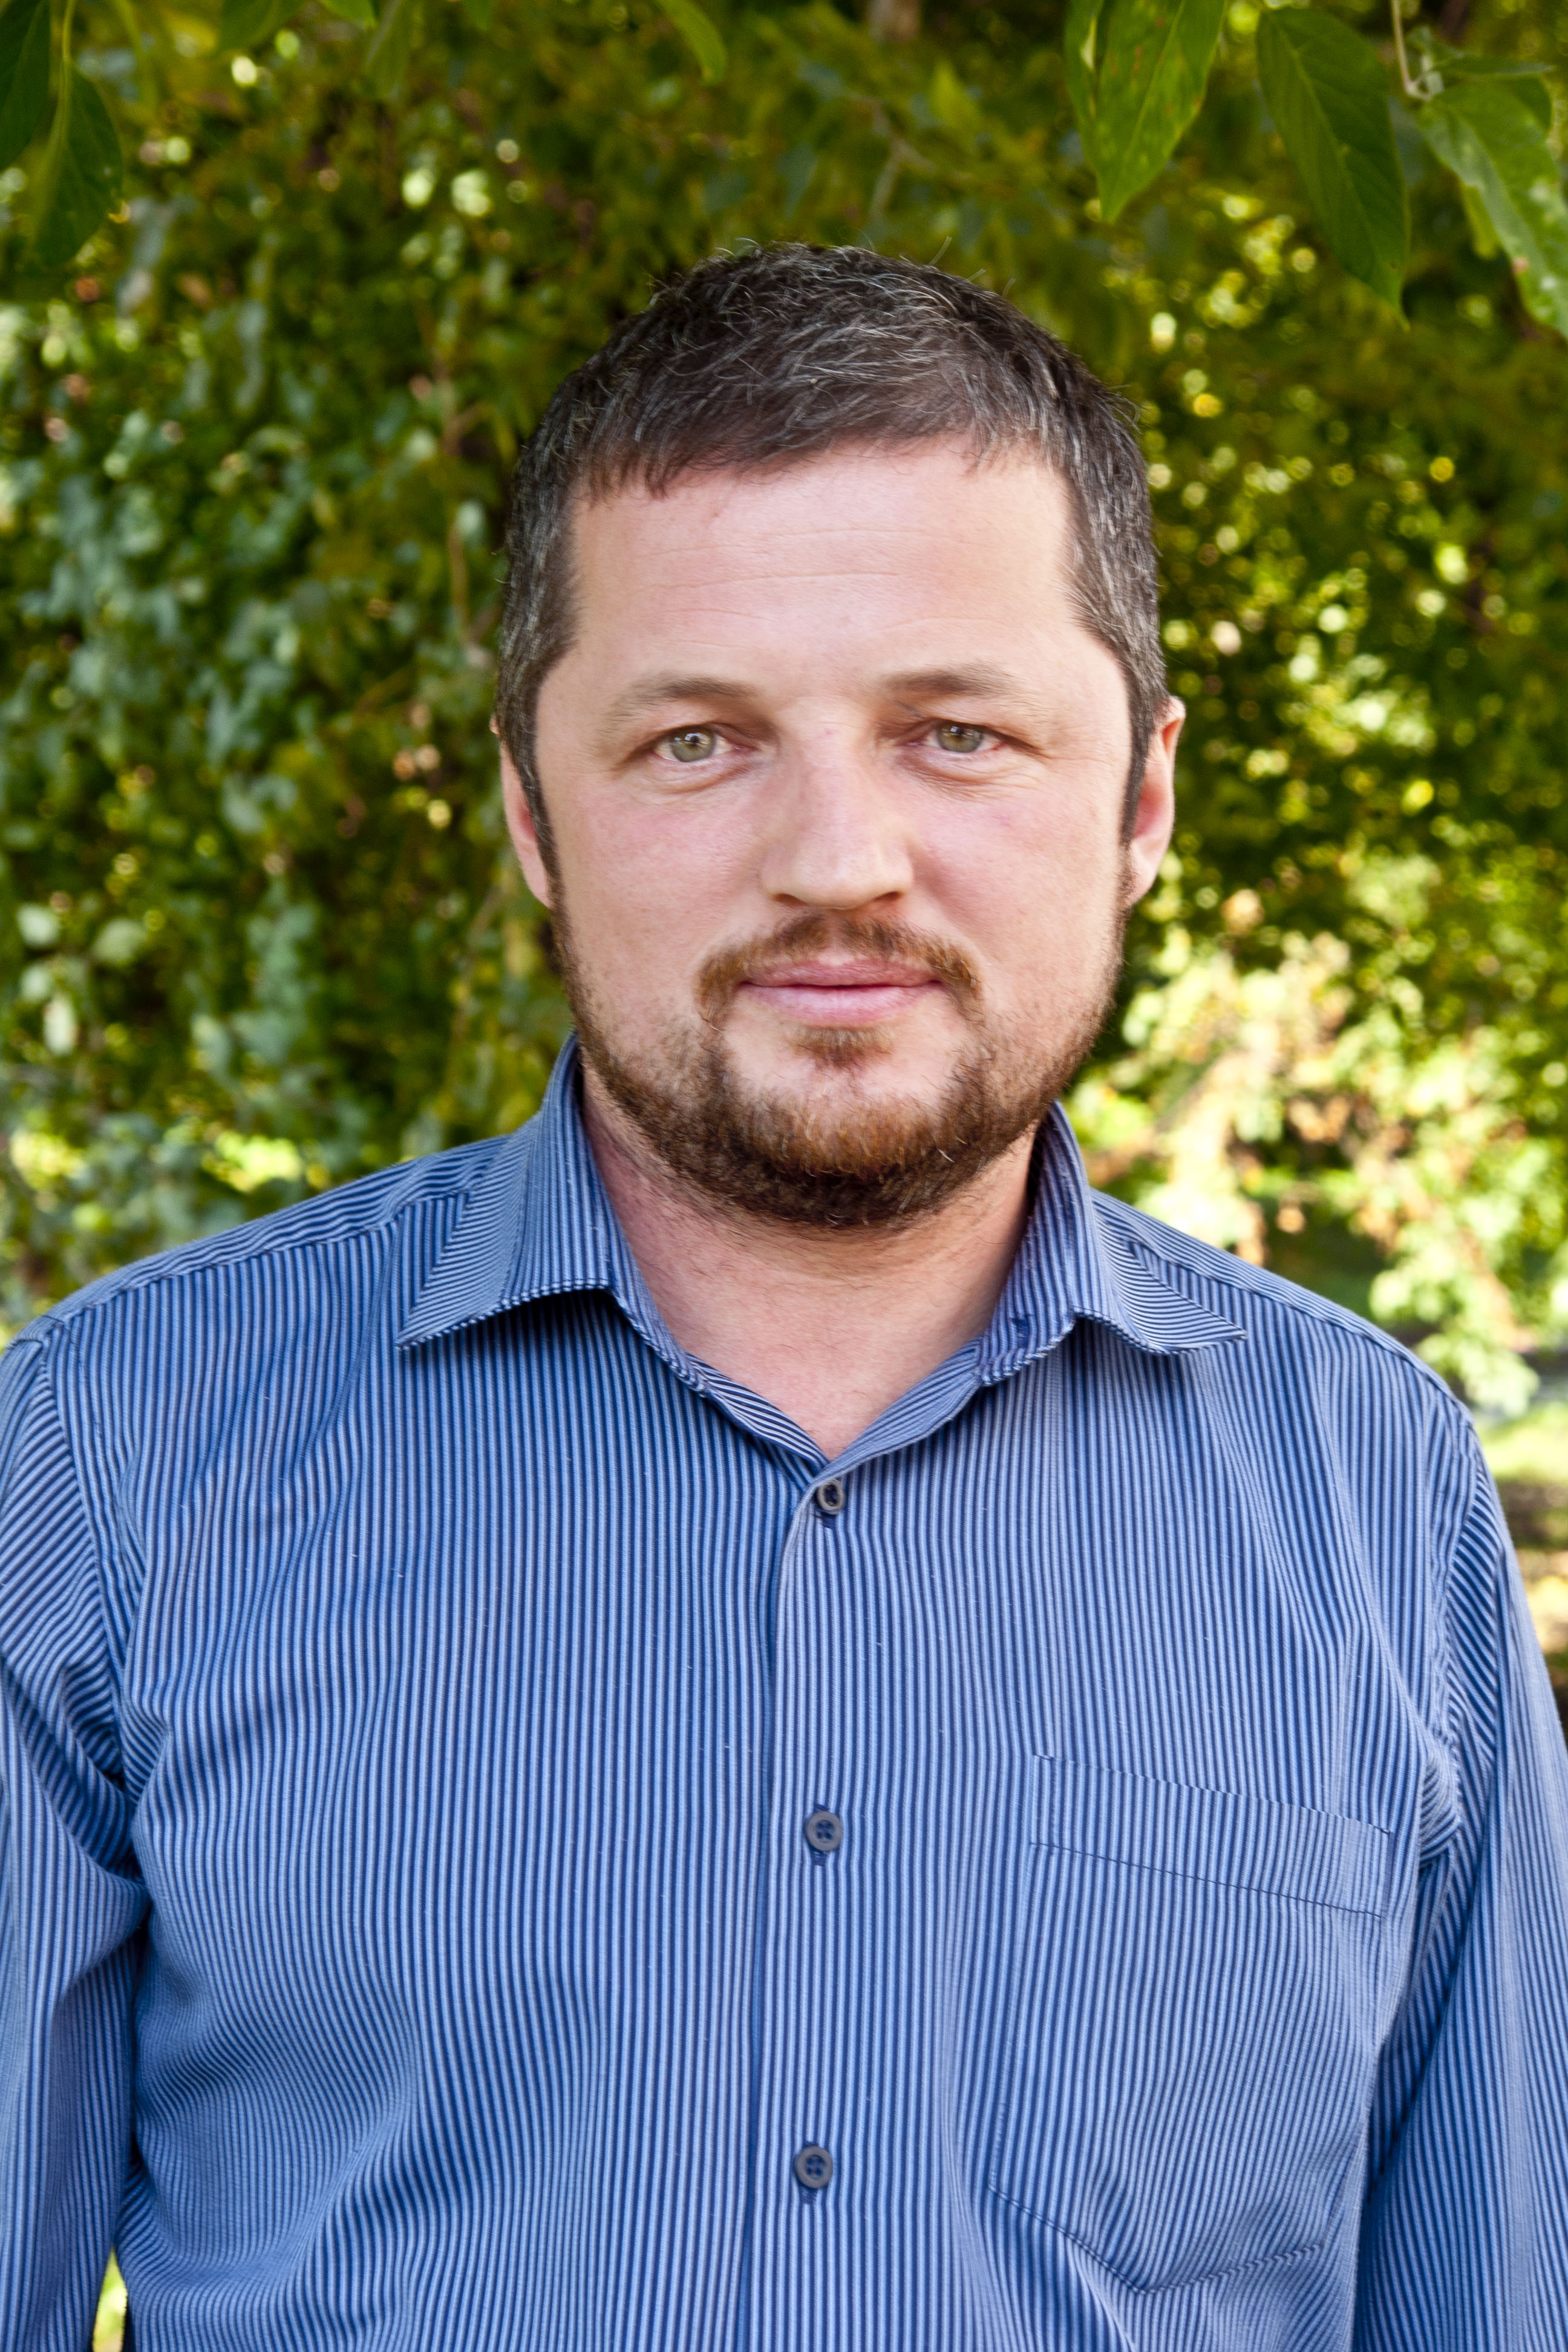 Начальник цеха клейки фанеры Череповецкого фанерно-мебельного комбината Илья Лихачев.